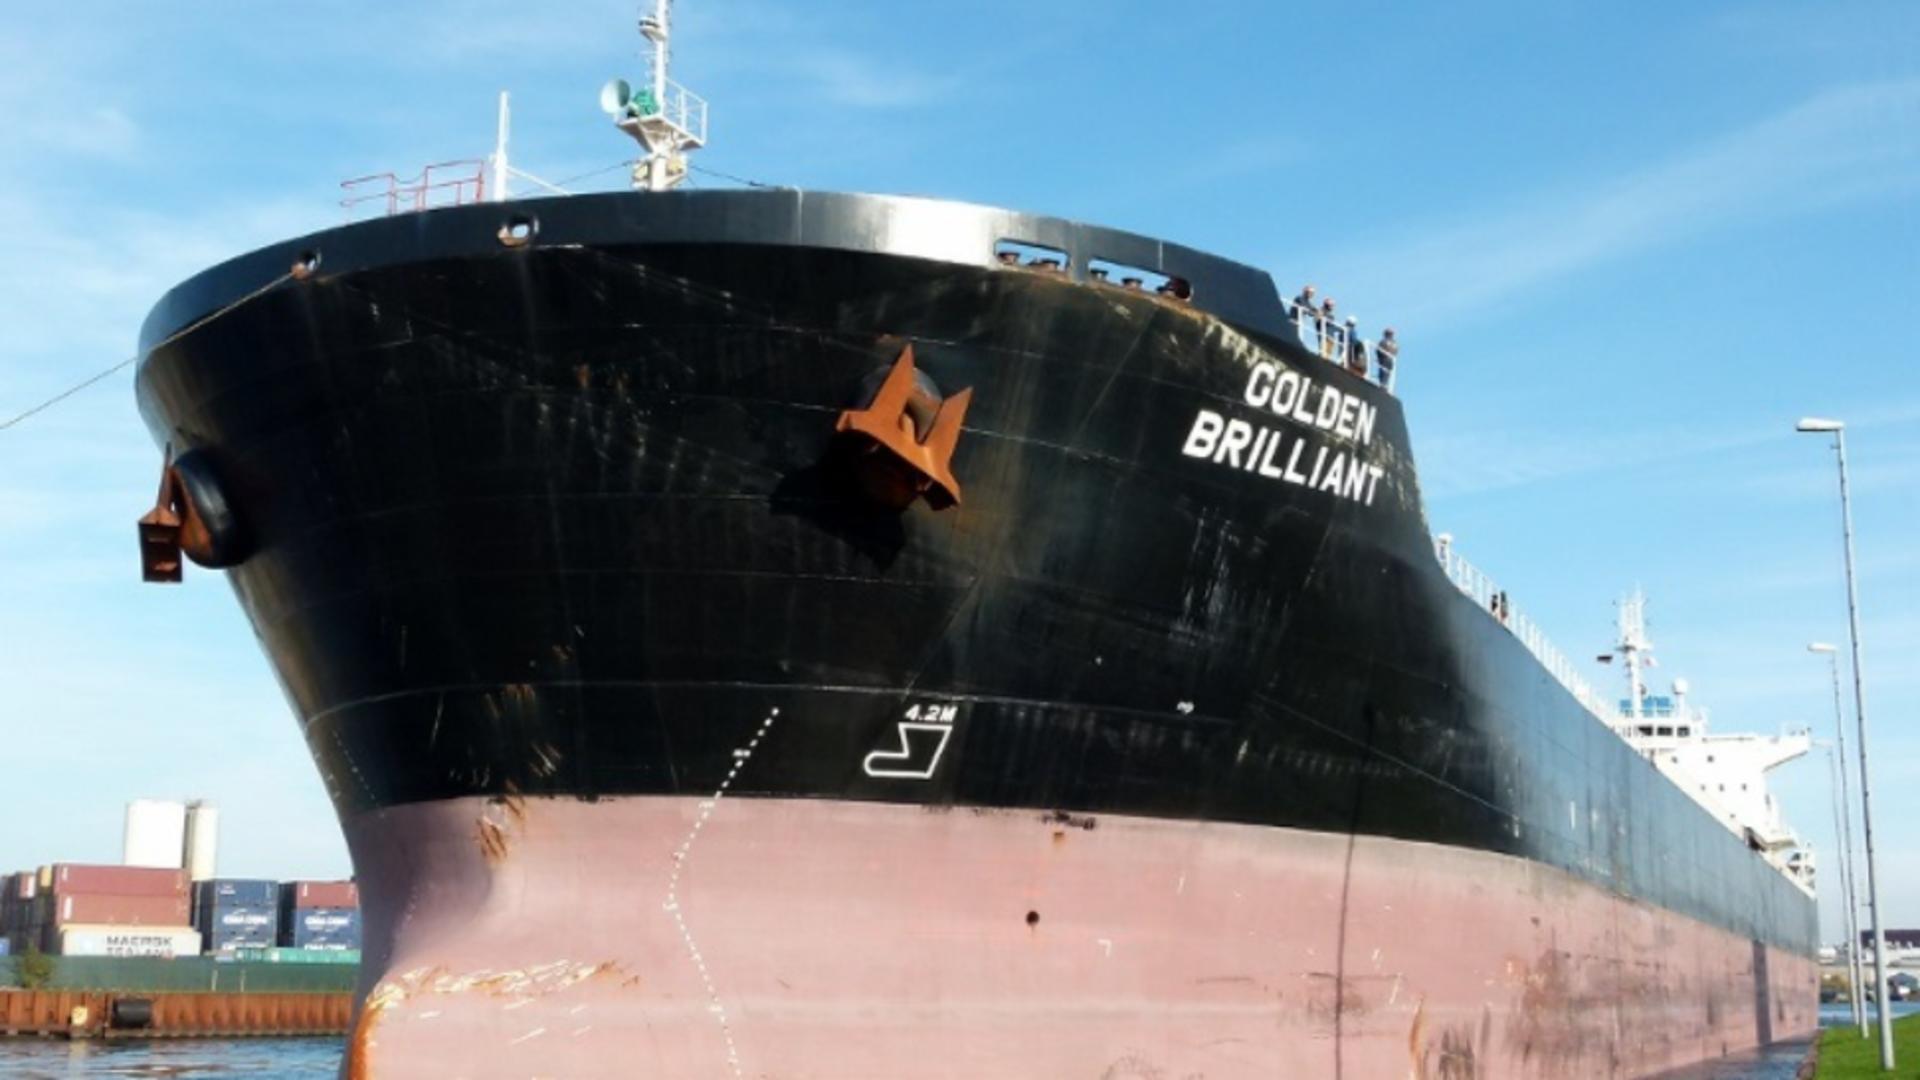 Golden Brilliant, una dintre navele implicate în incidentele din Golful Oman